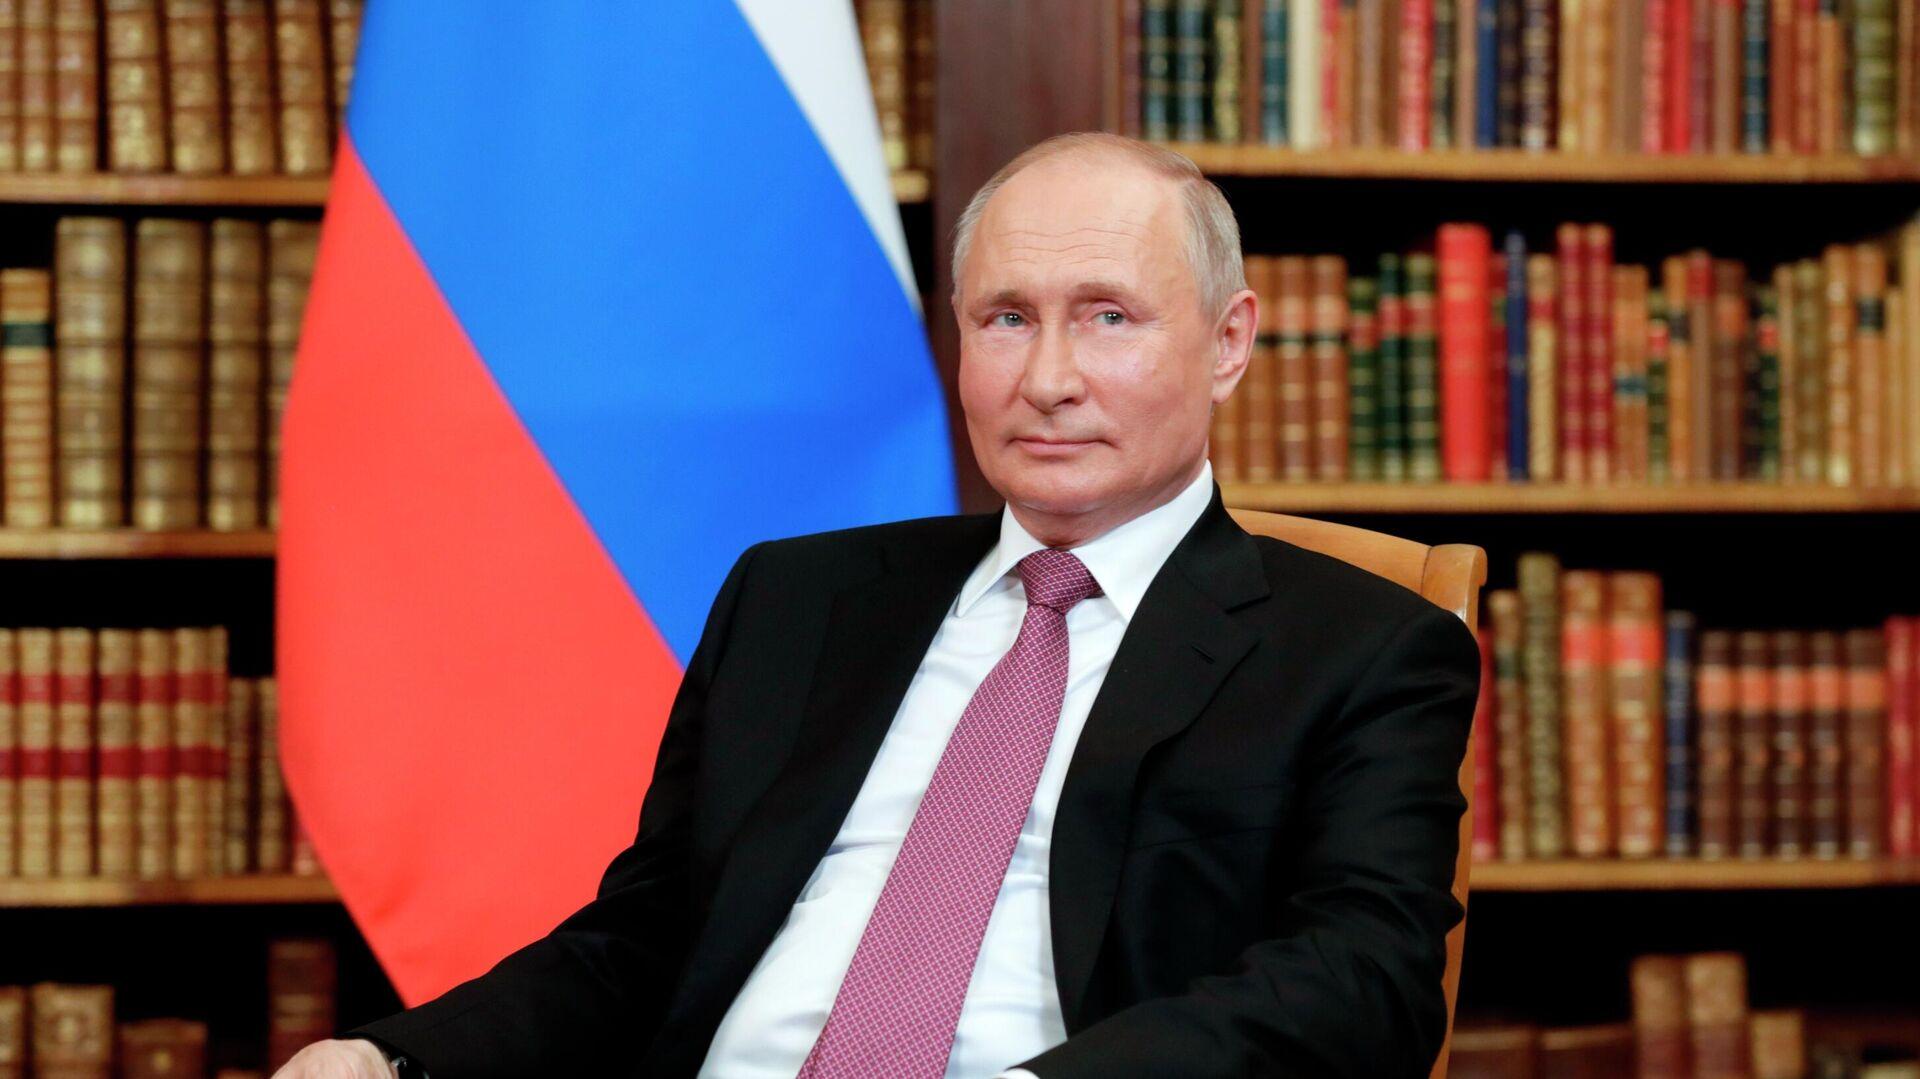 El presidente de Rusia, Vladímir Putin, en la cumbre con Joe Biden - Sputnik Mundo, 1920, 22.08.2021